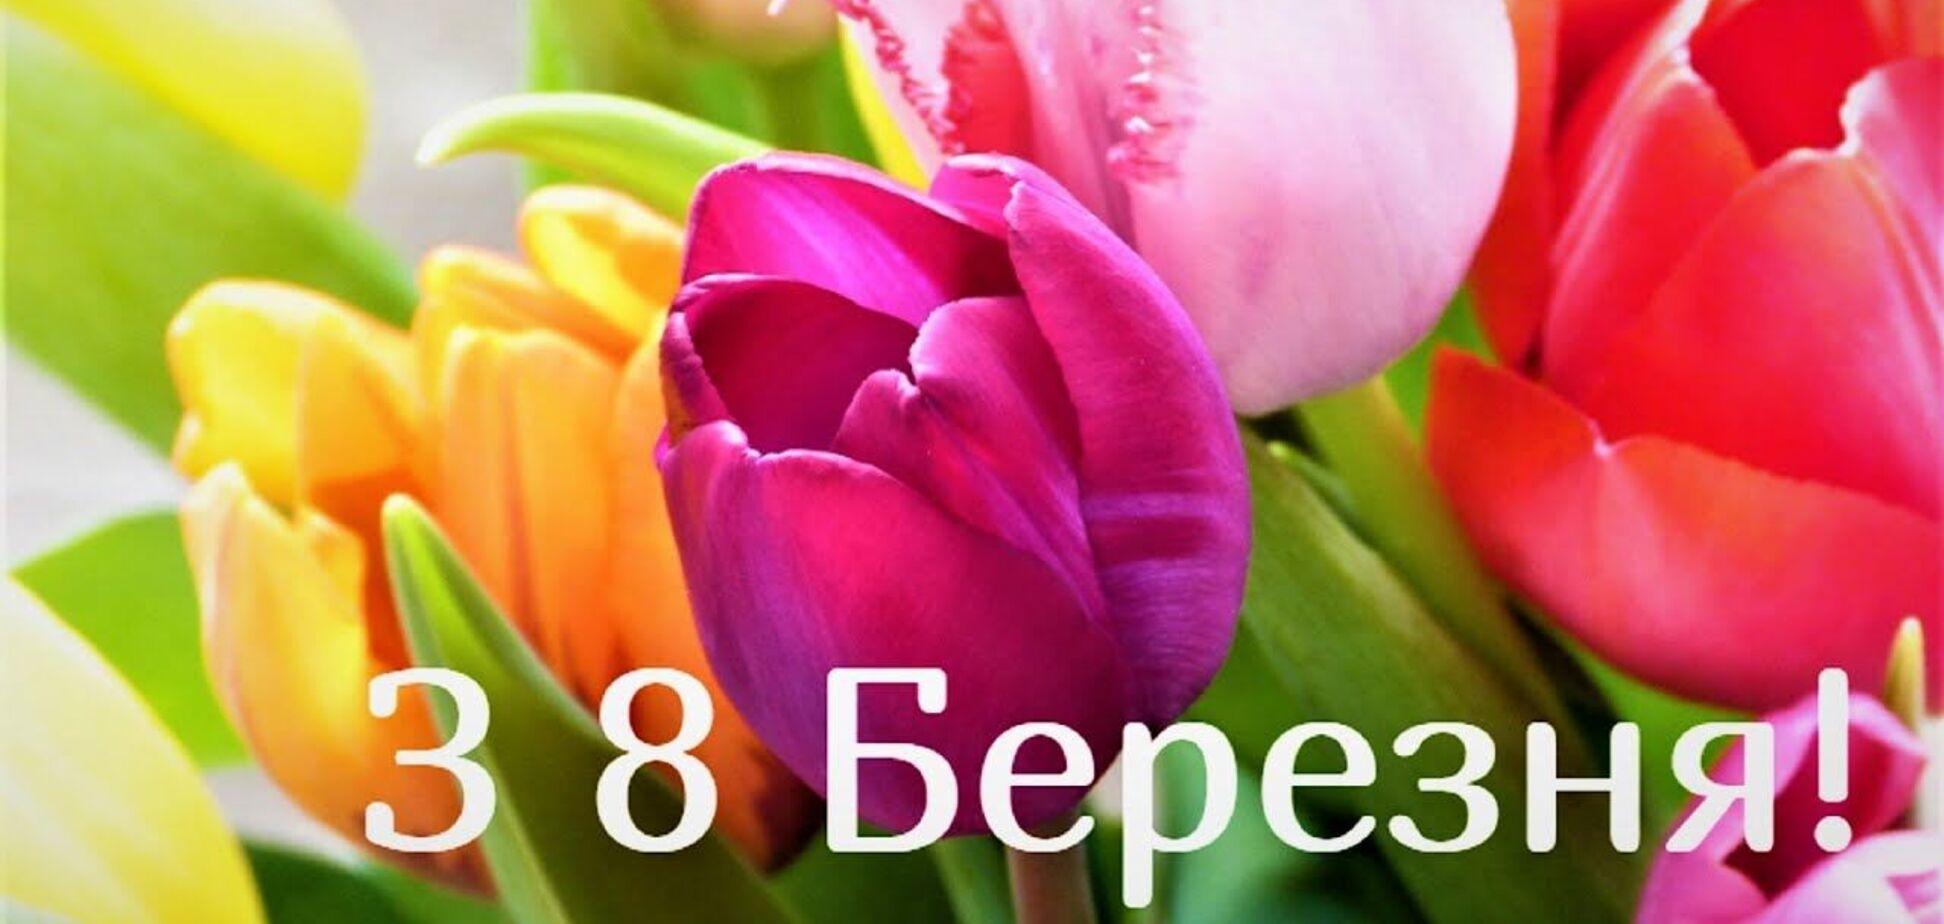 8 Березня жінкам дарують квіти й подарунки